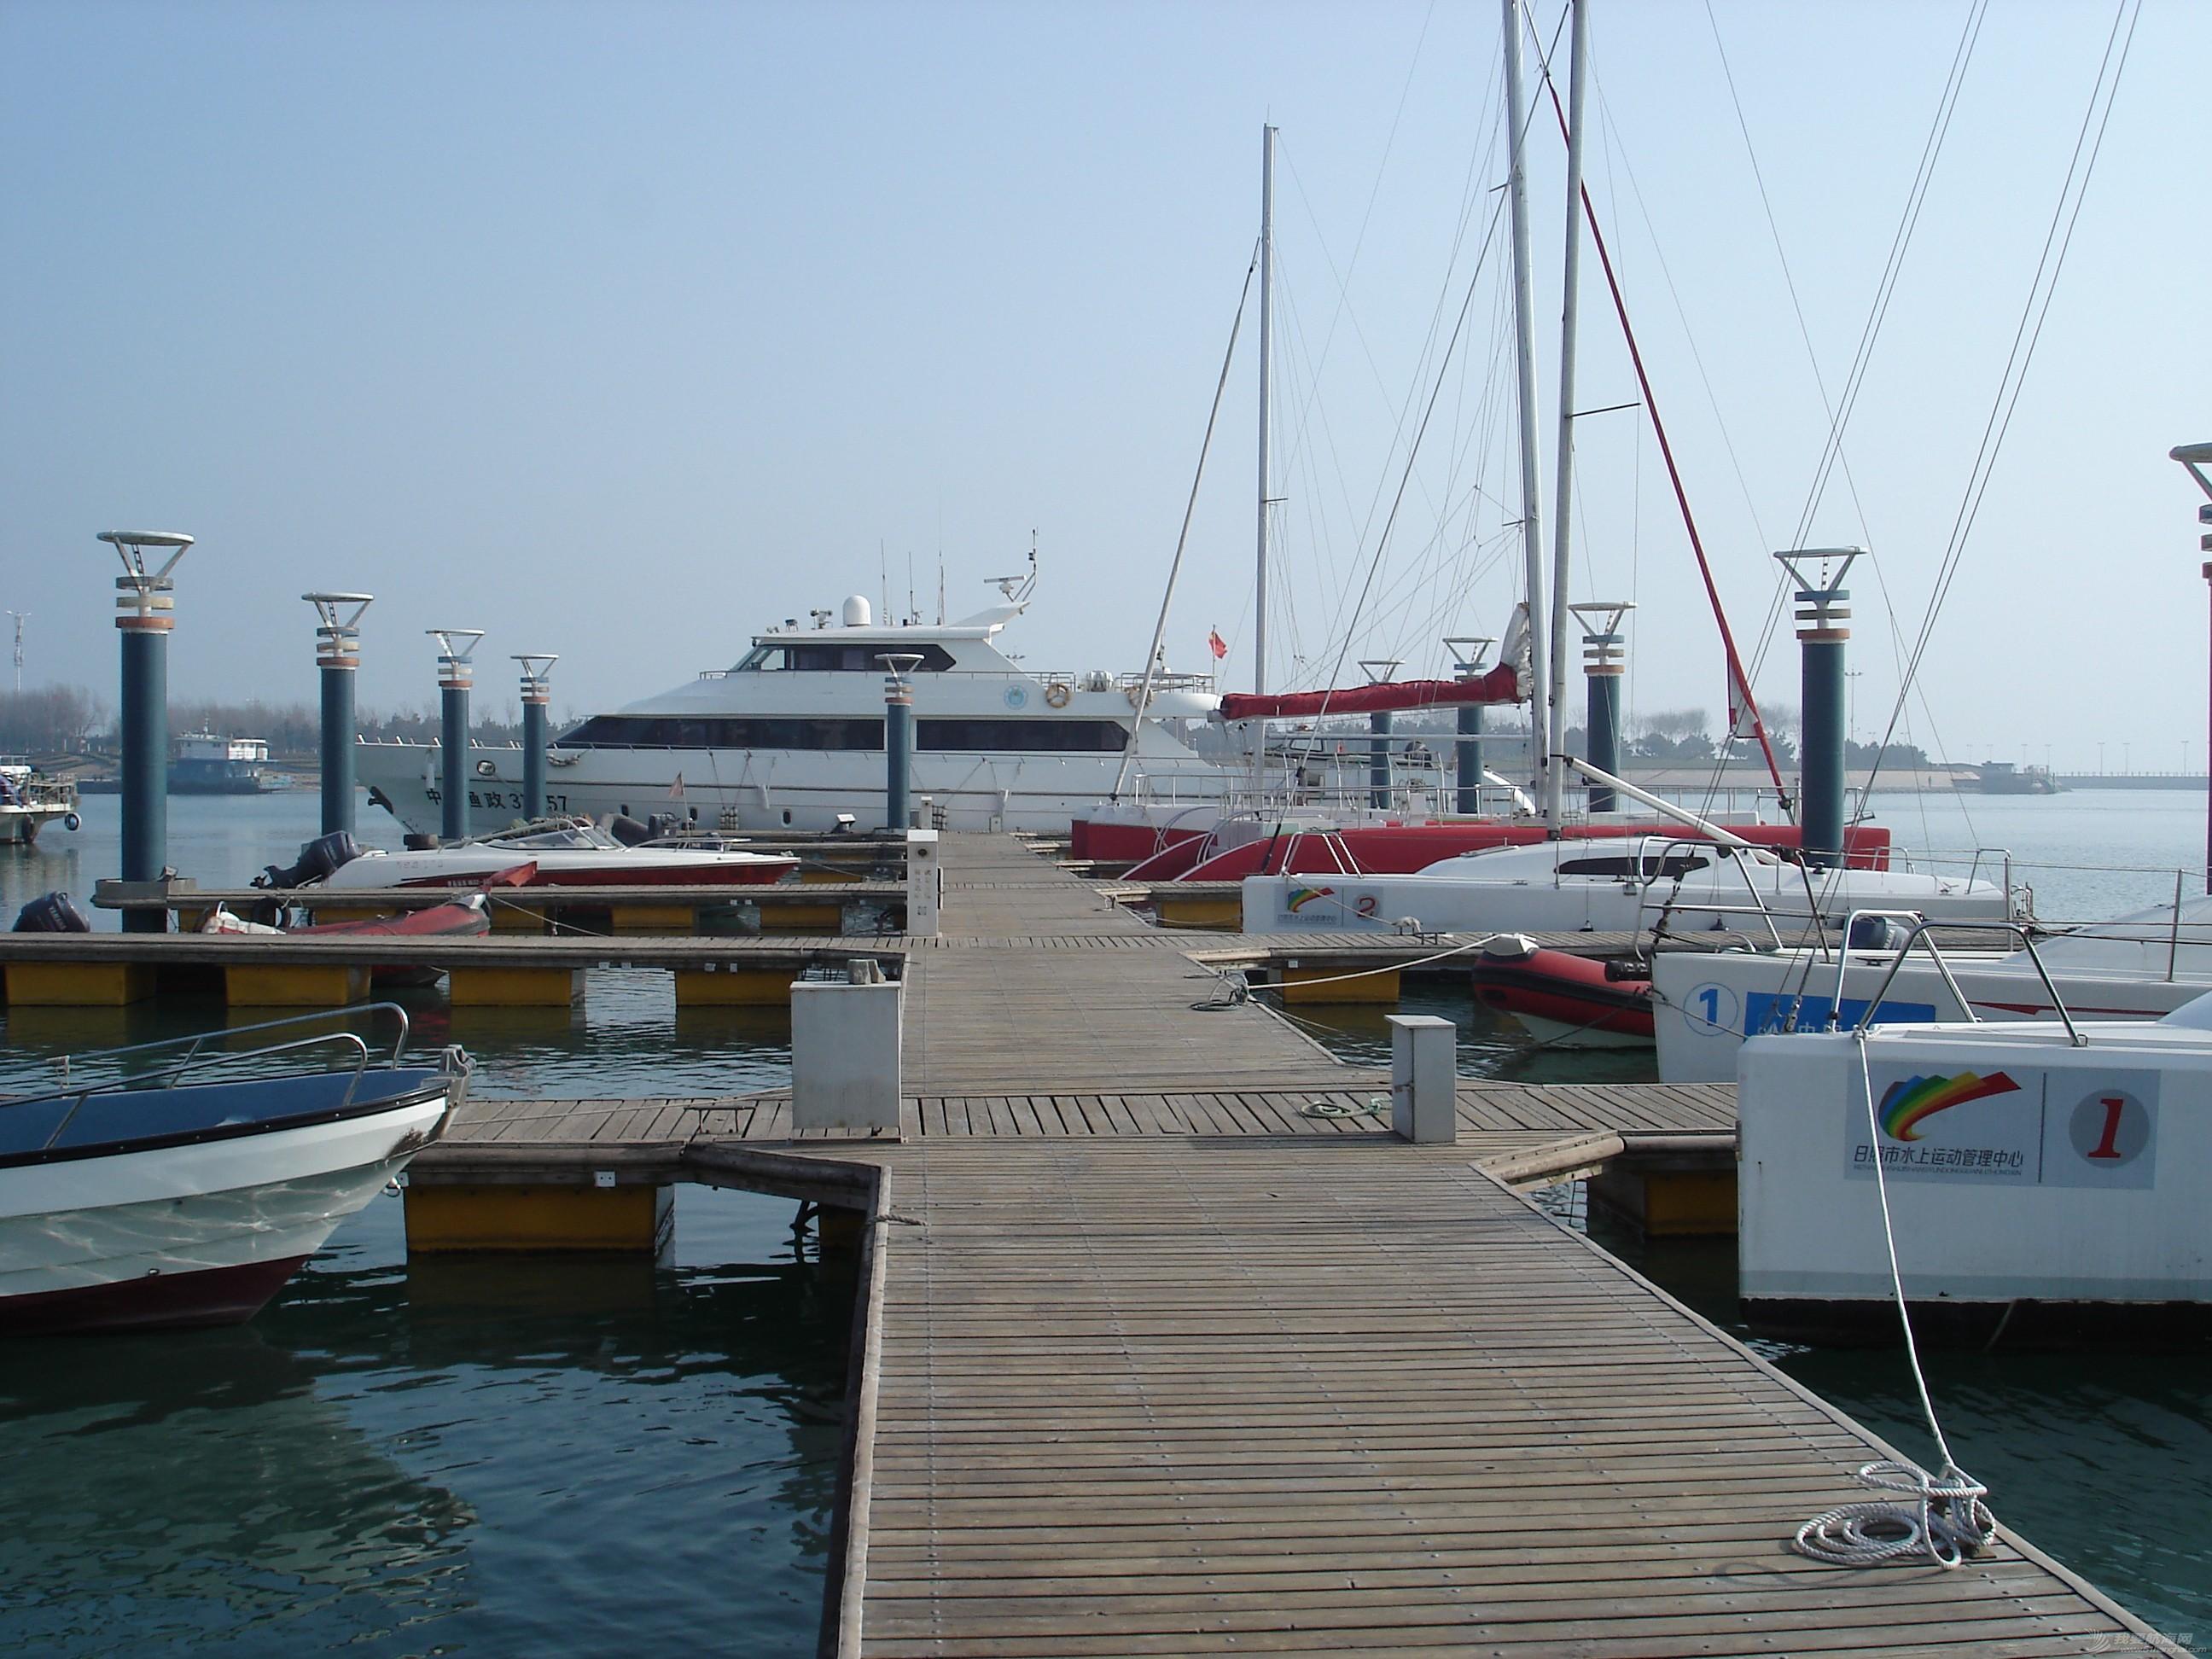 帆船 免费航海不是梦…我是十四期学员(我要去航海/全民公益航海帆船训练) DSC02080.JPG